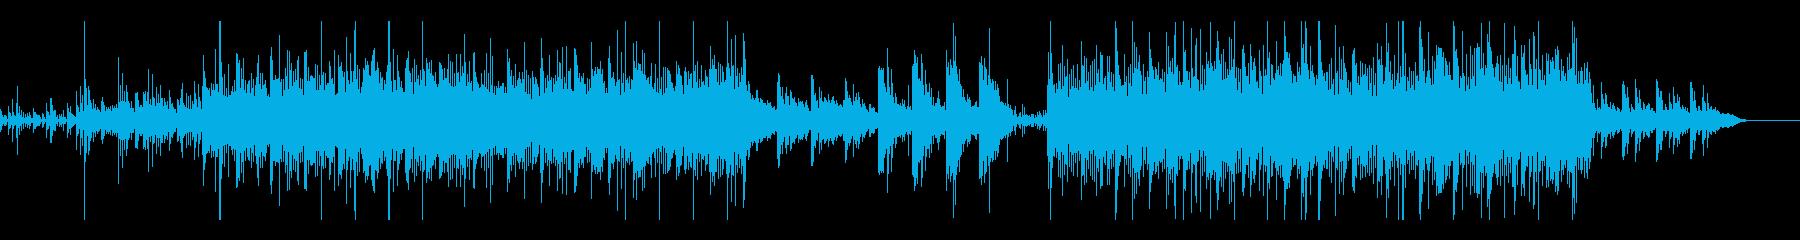 シリアスでビート感のあるピアノ曲の再生済みの波形